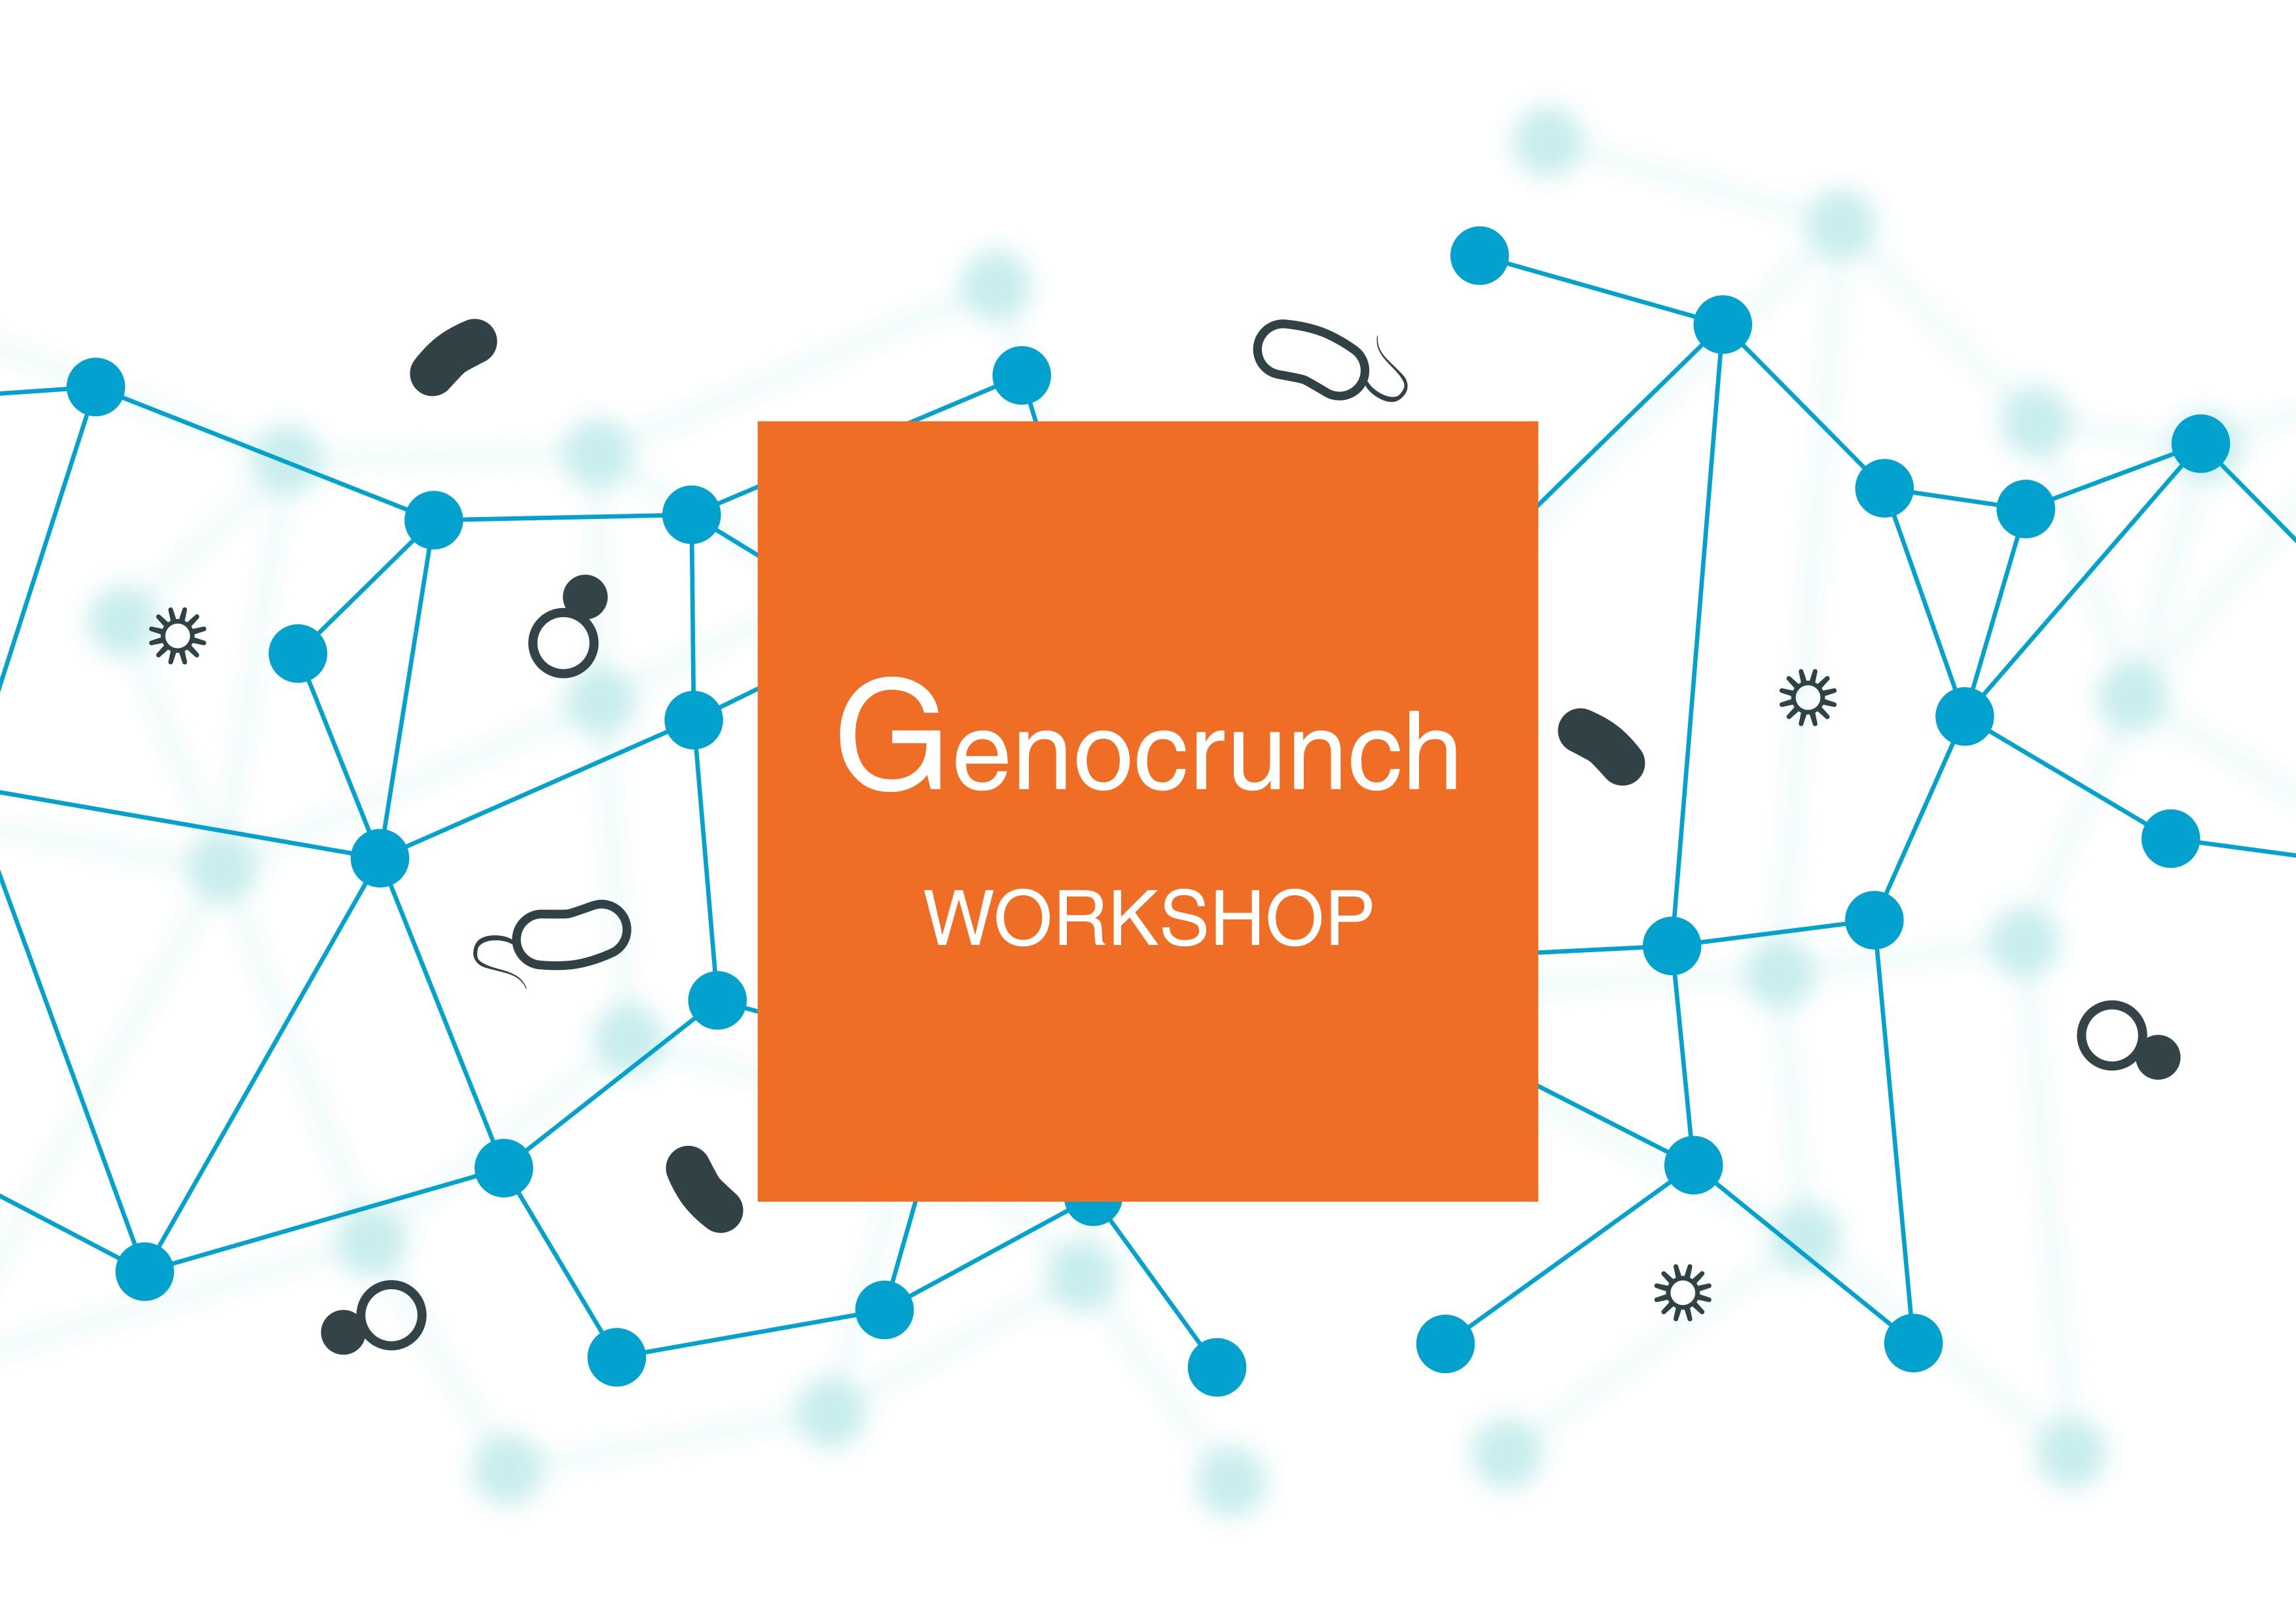 Genocrunch WORKSHOP